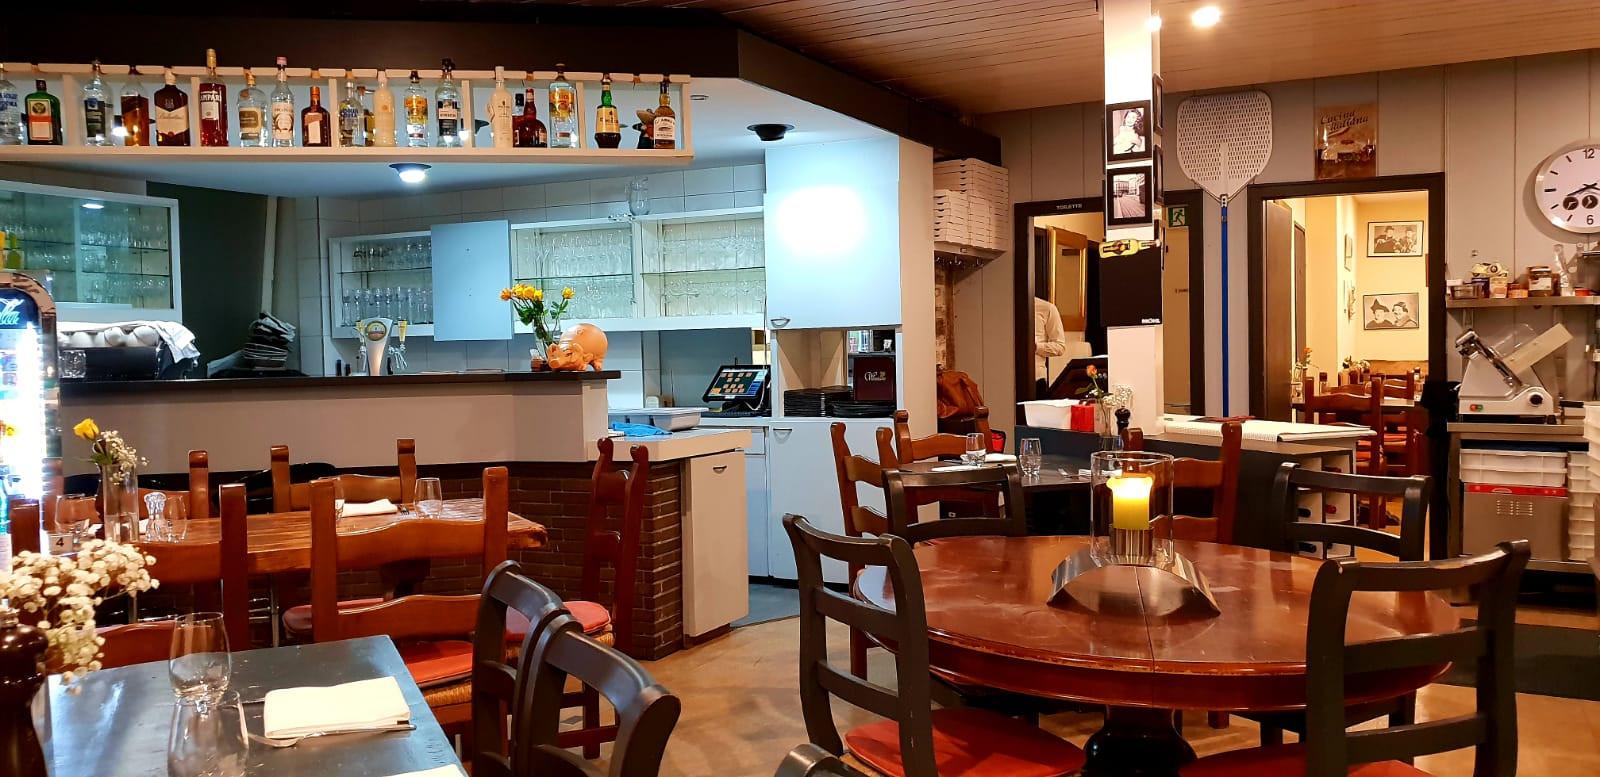 Restaurant St. Gallen - Super Mario Restaurant